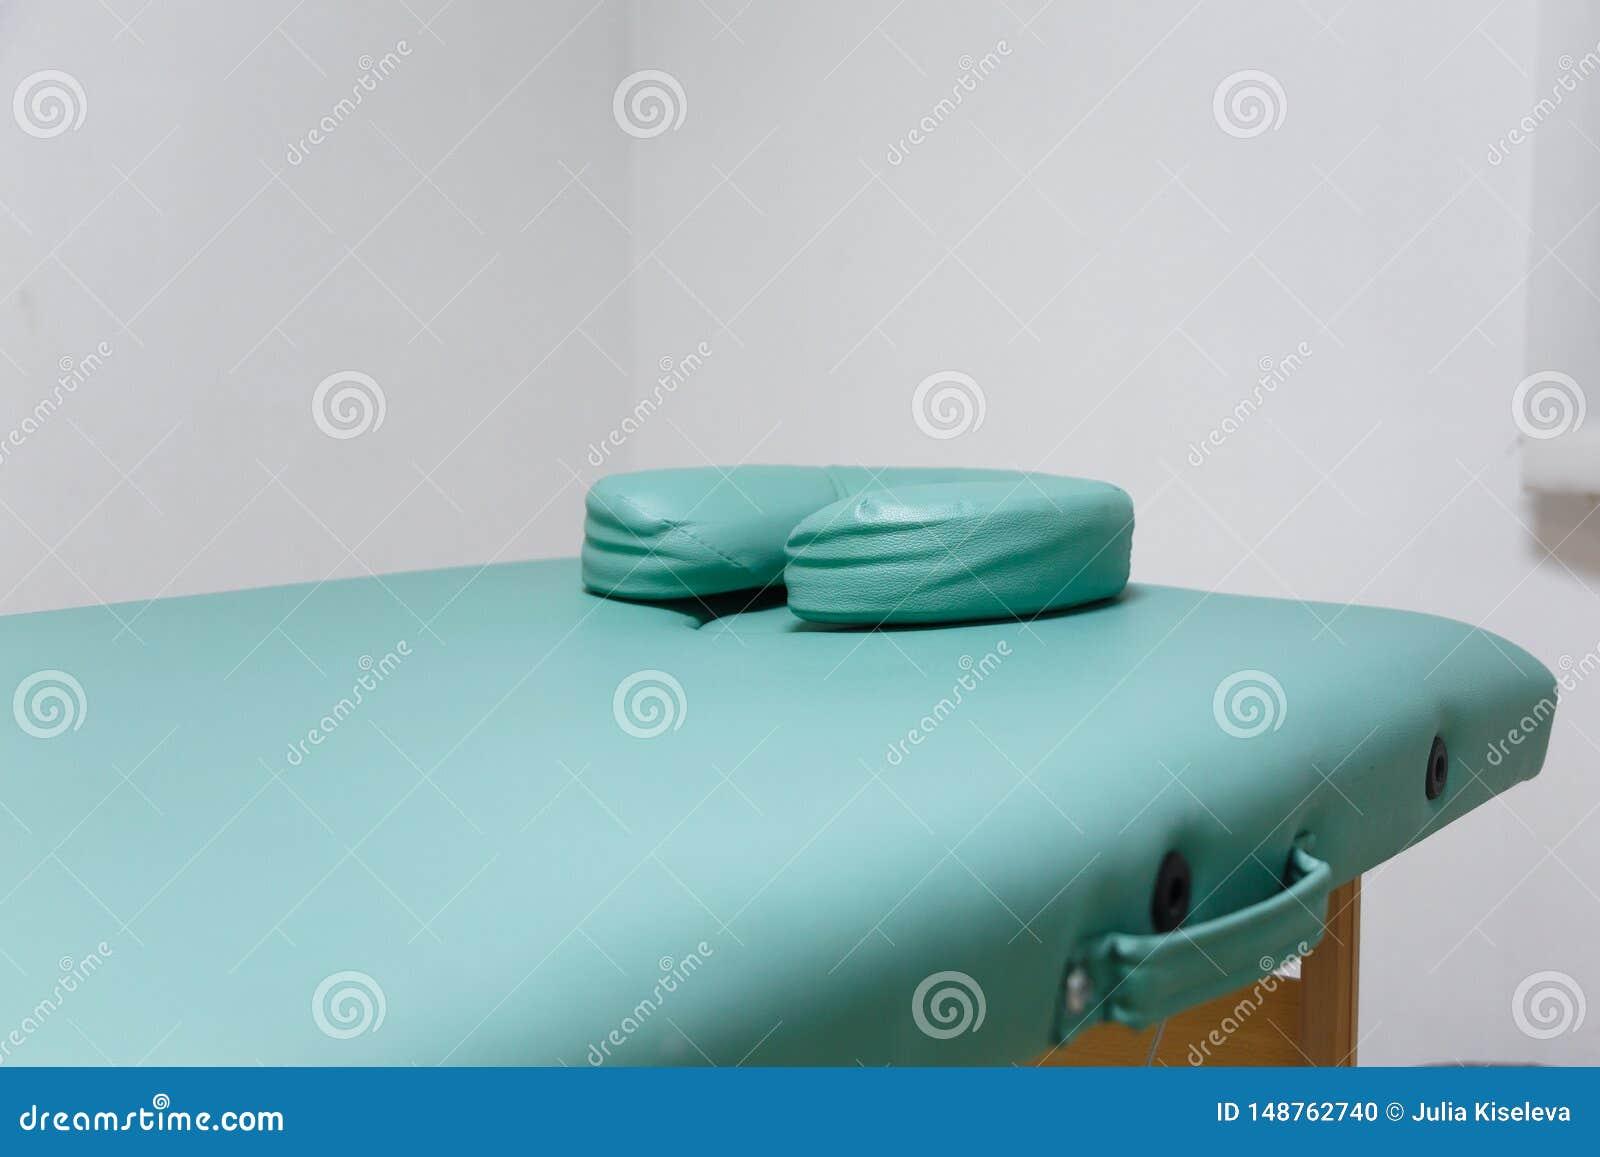 Een laag, de lijstkosmetiek, massage, medisch met extra hoofdkussens onder het hoofd